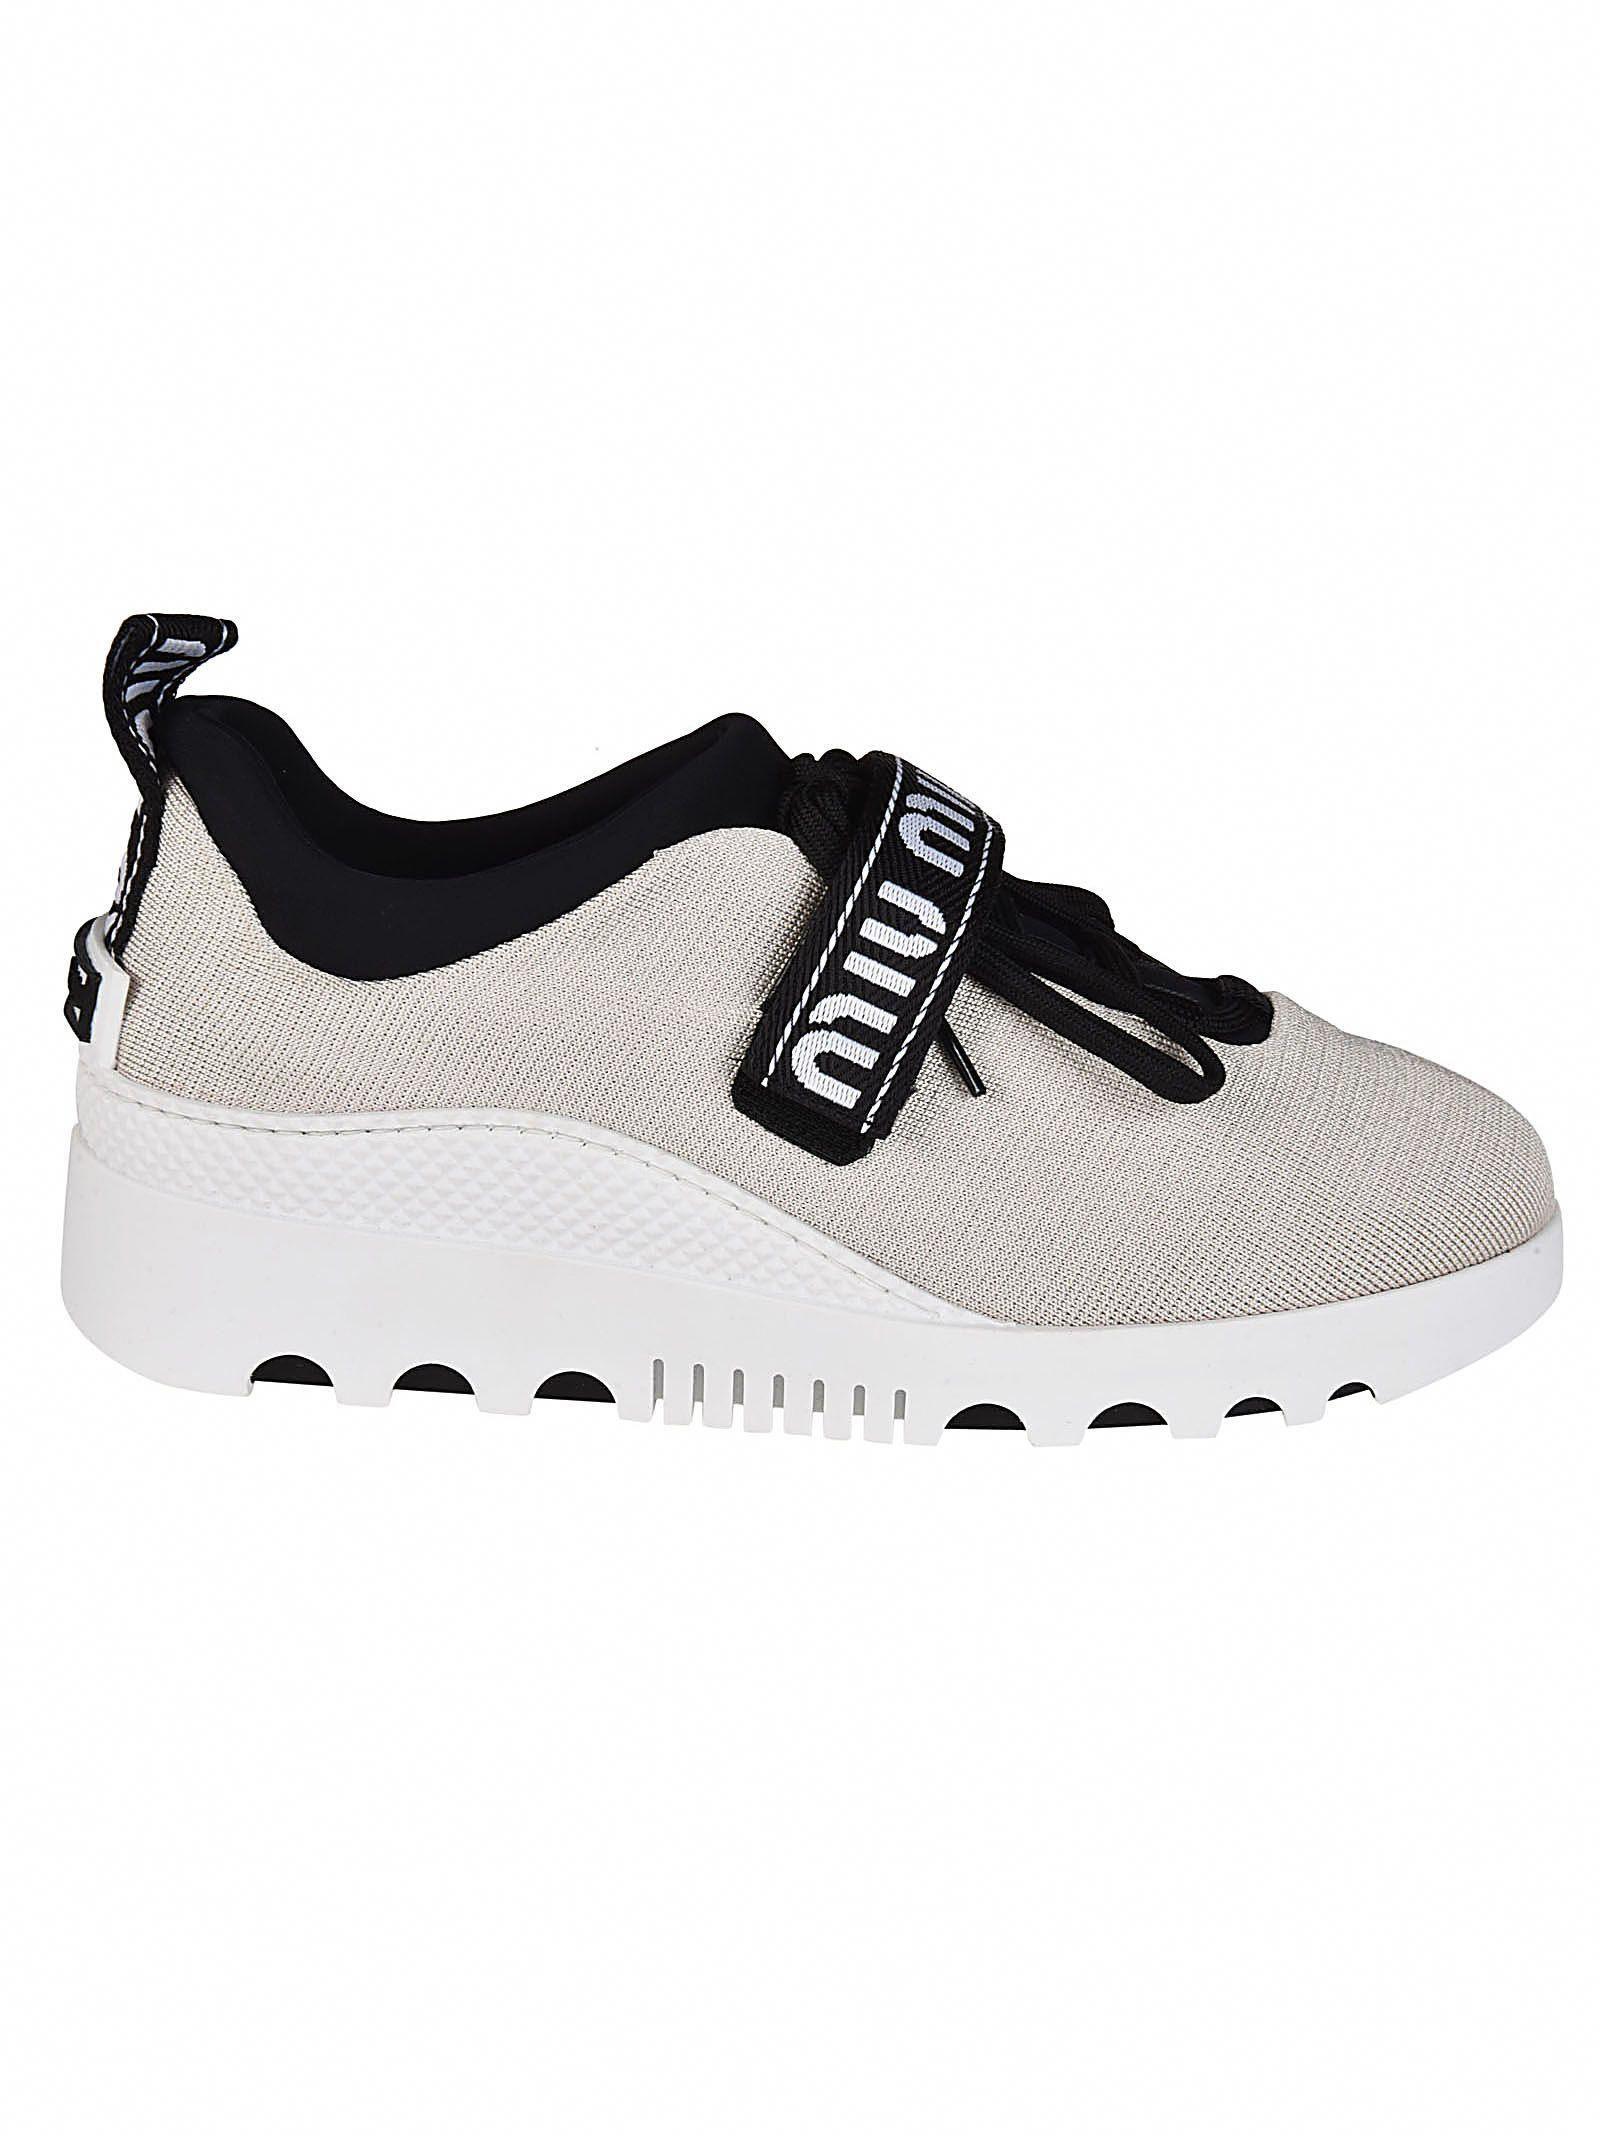 d8ddaa219dcc MIU MIU TOUCH STRAP SNEAKERS.  miumiu  shoes